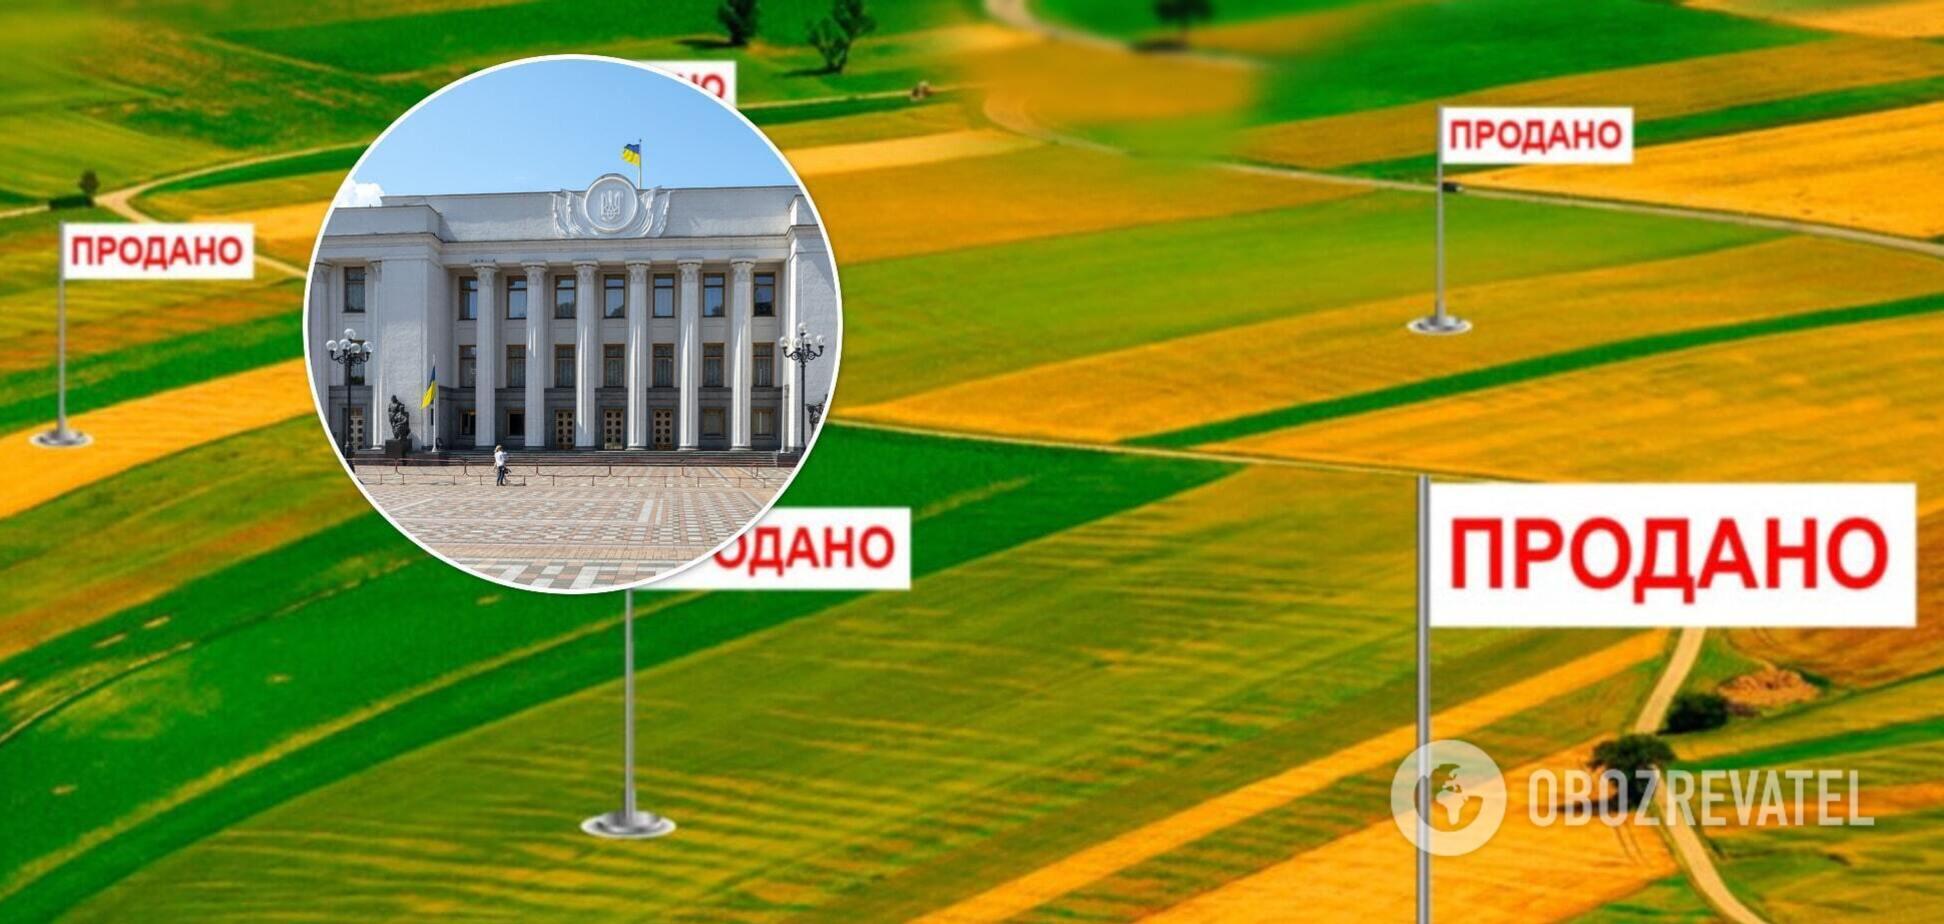 Как безопасно продать землю в Украине